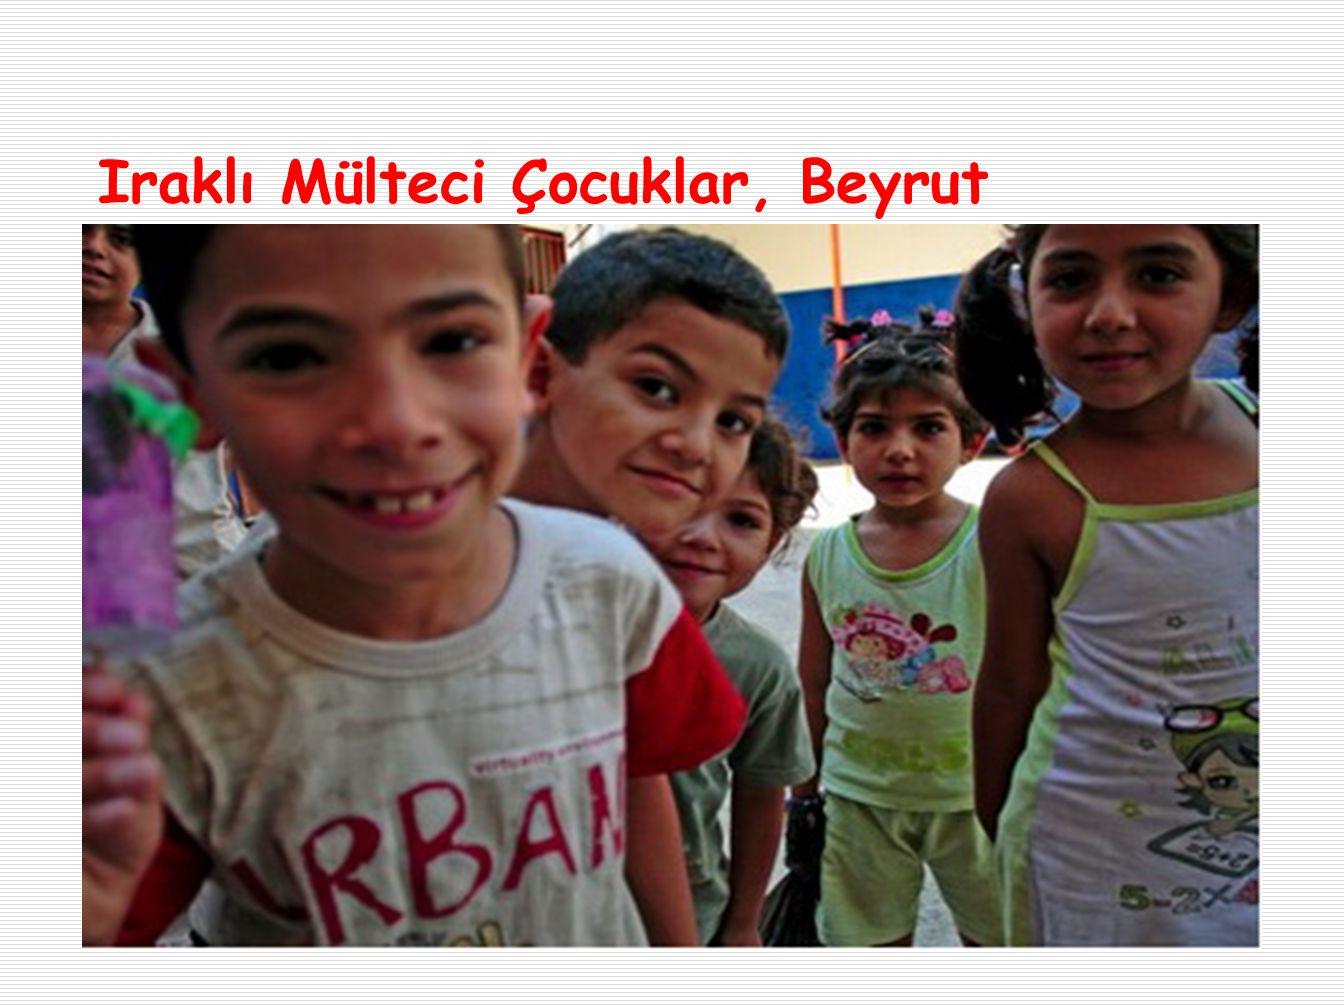 Iraklı Mülteci Çocuklar, Beyrut